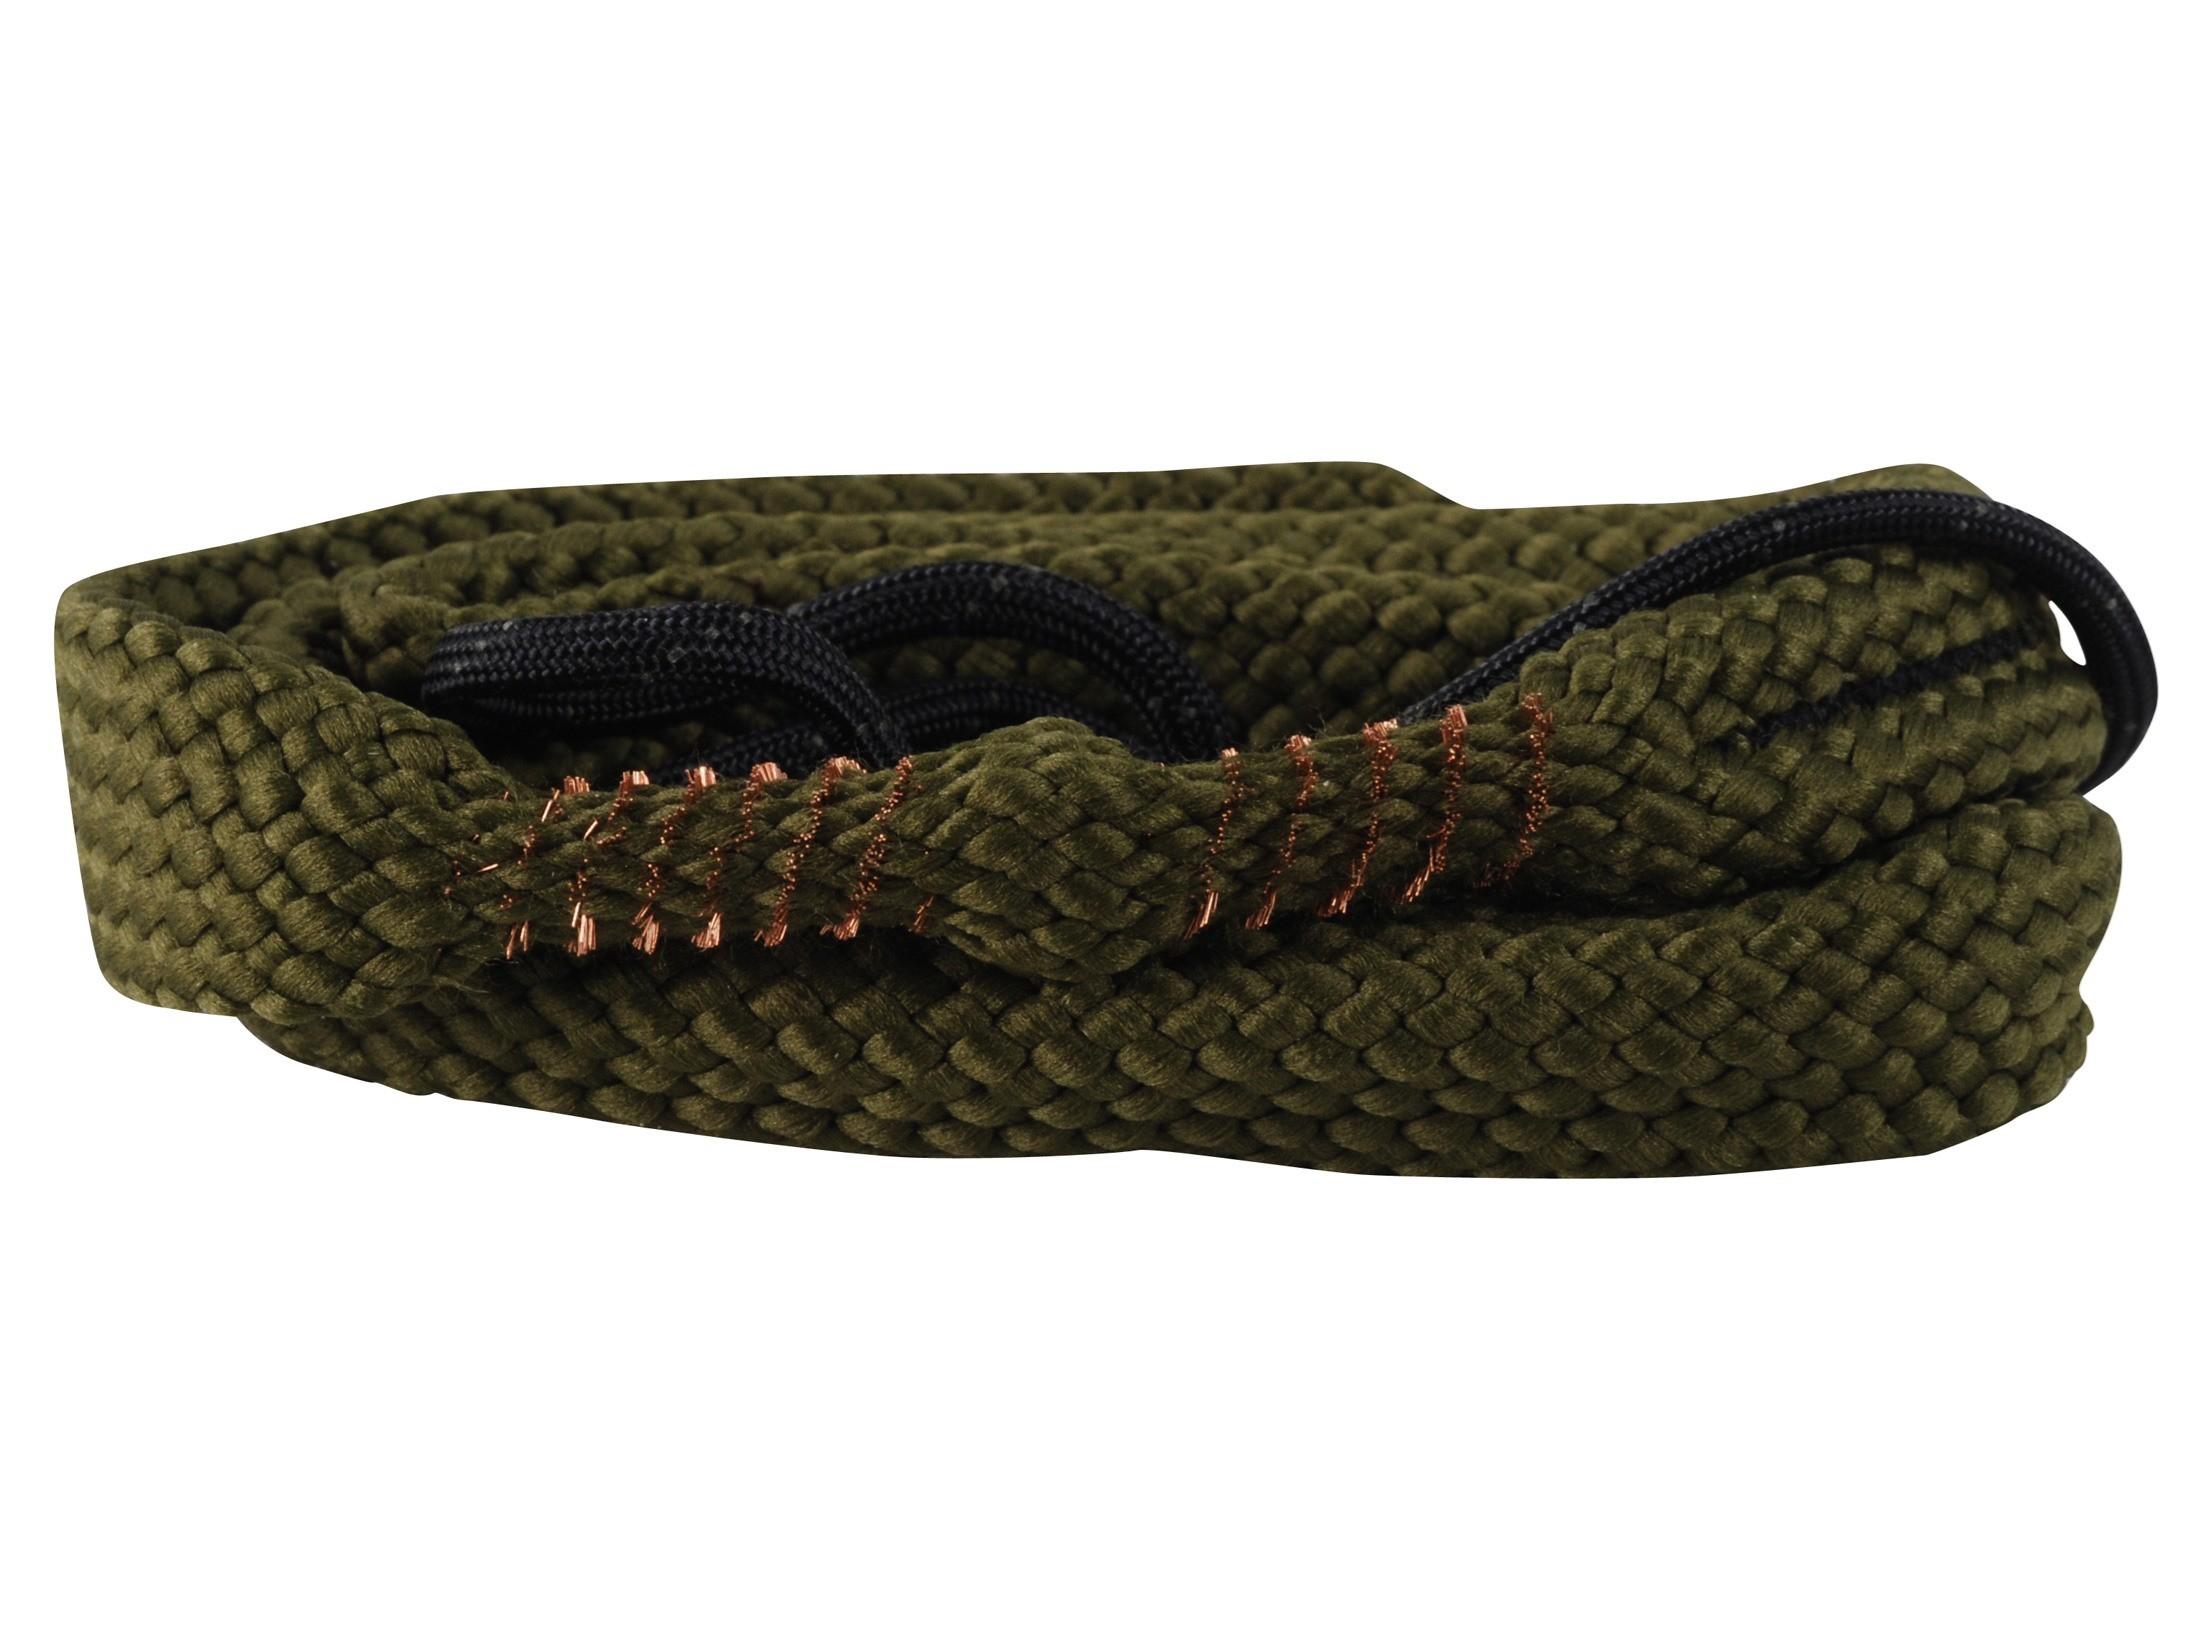 270/7mm/284 Hoppes bore snake rope cleaner